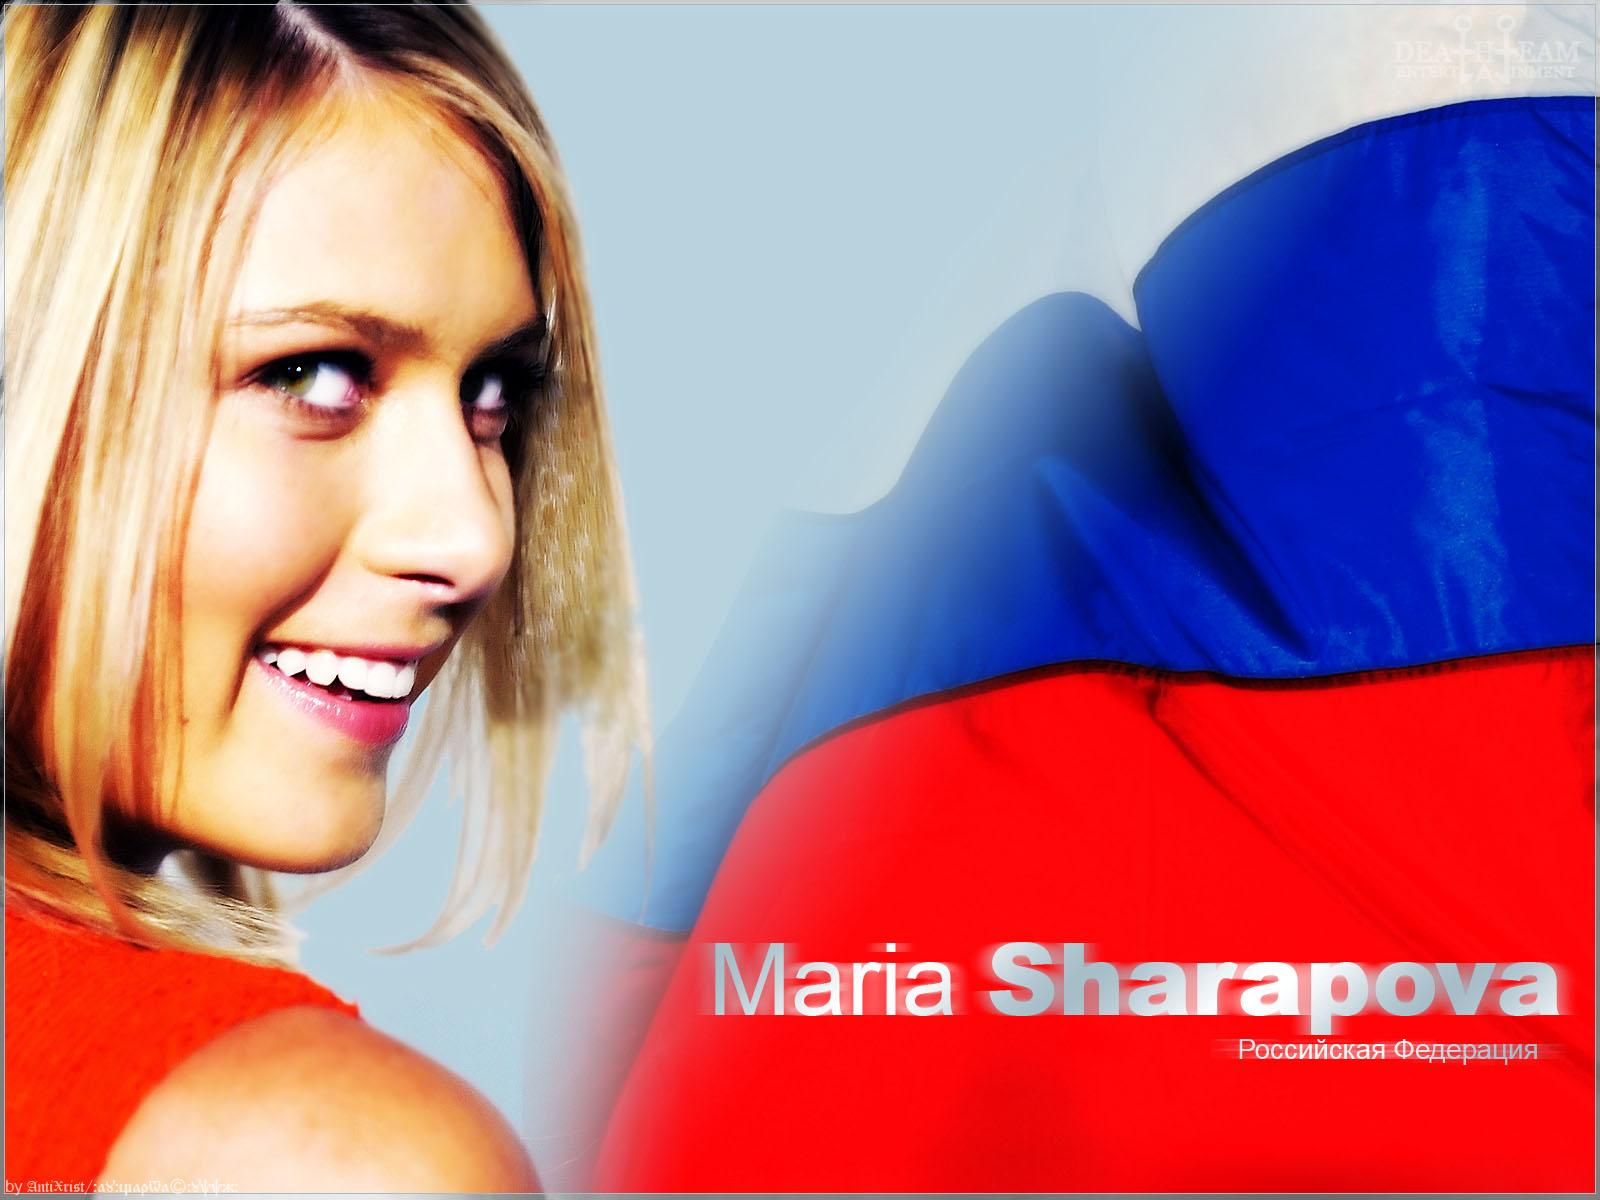 http://4.bp.blogspot.com/-NVQE-ZIhm3o/Tcq21bZyBvI/AAAAAAAAATI/2NNcyn_AN0I/s1600/Maria-Sharapova-Latest-Wallpapers-.jpg